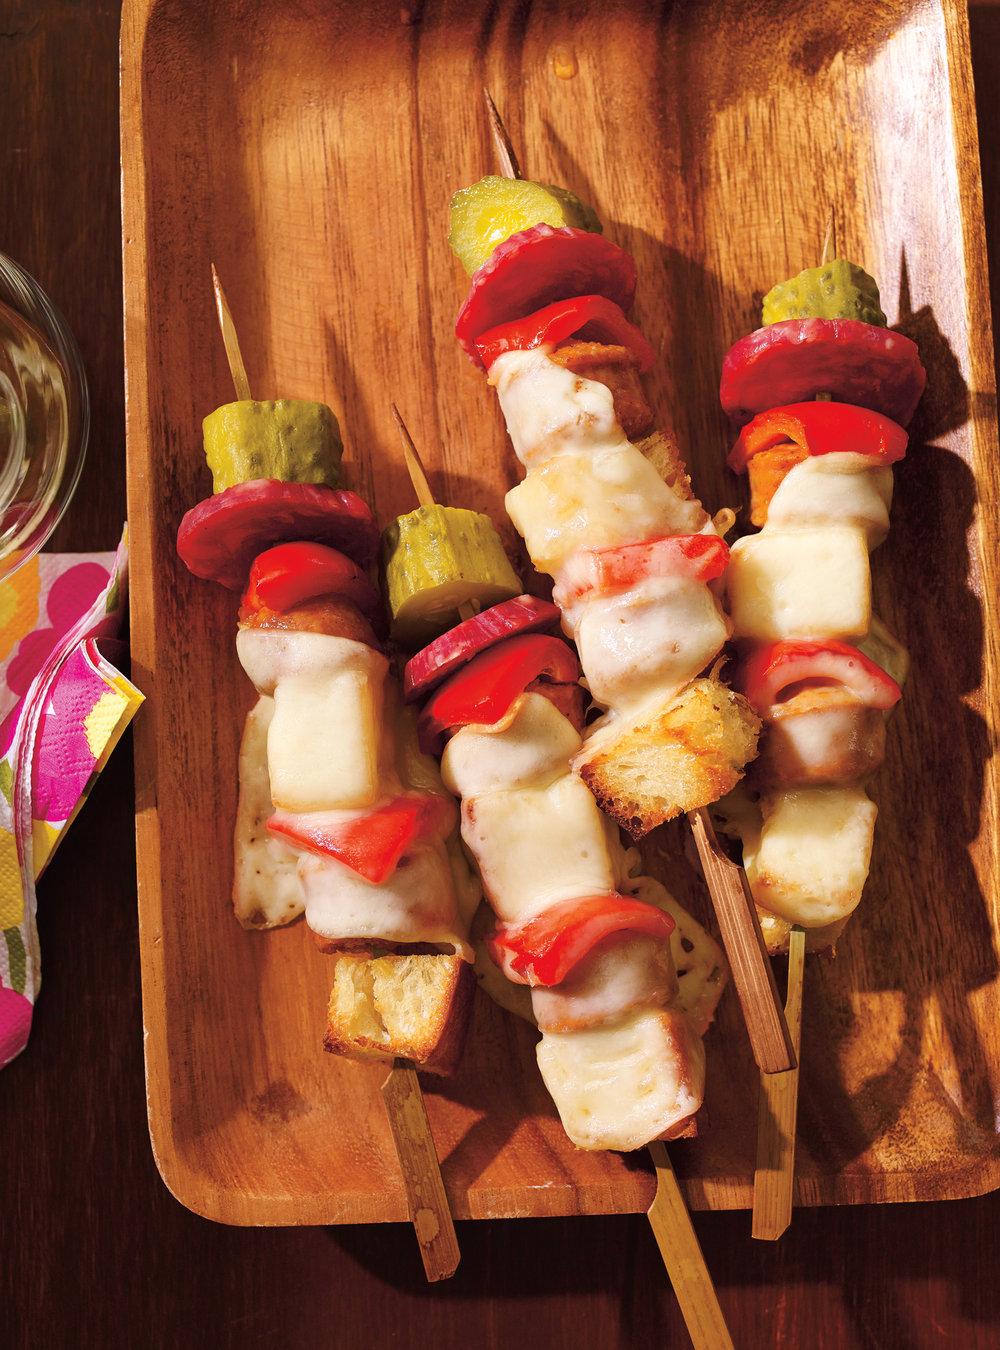 Brochettes de pain, de cornichon et de saucisson, façon raclette ...